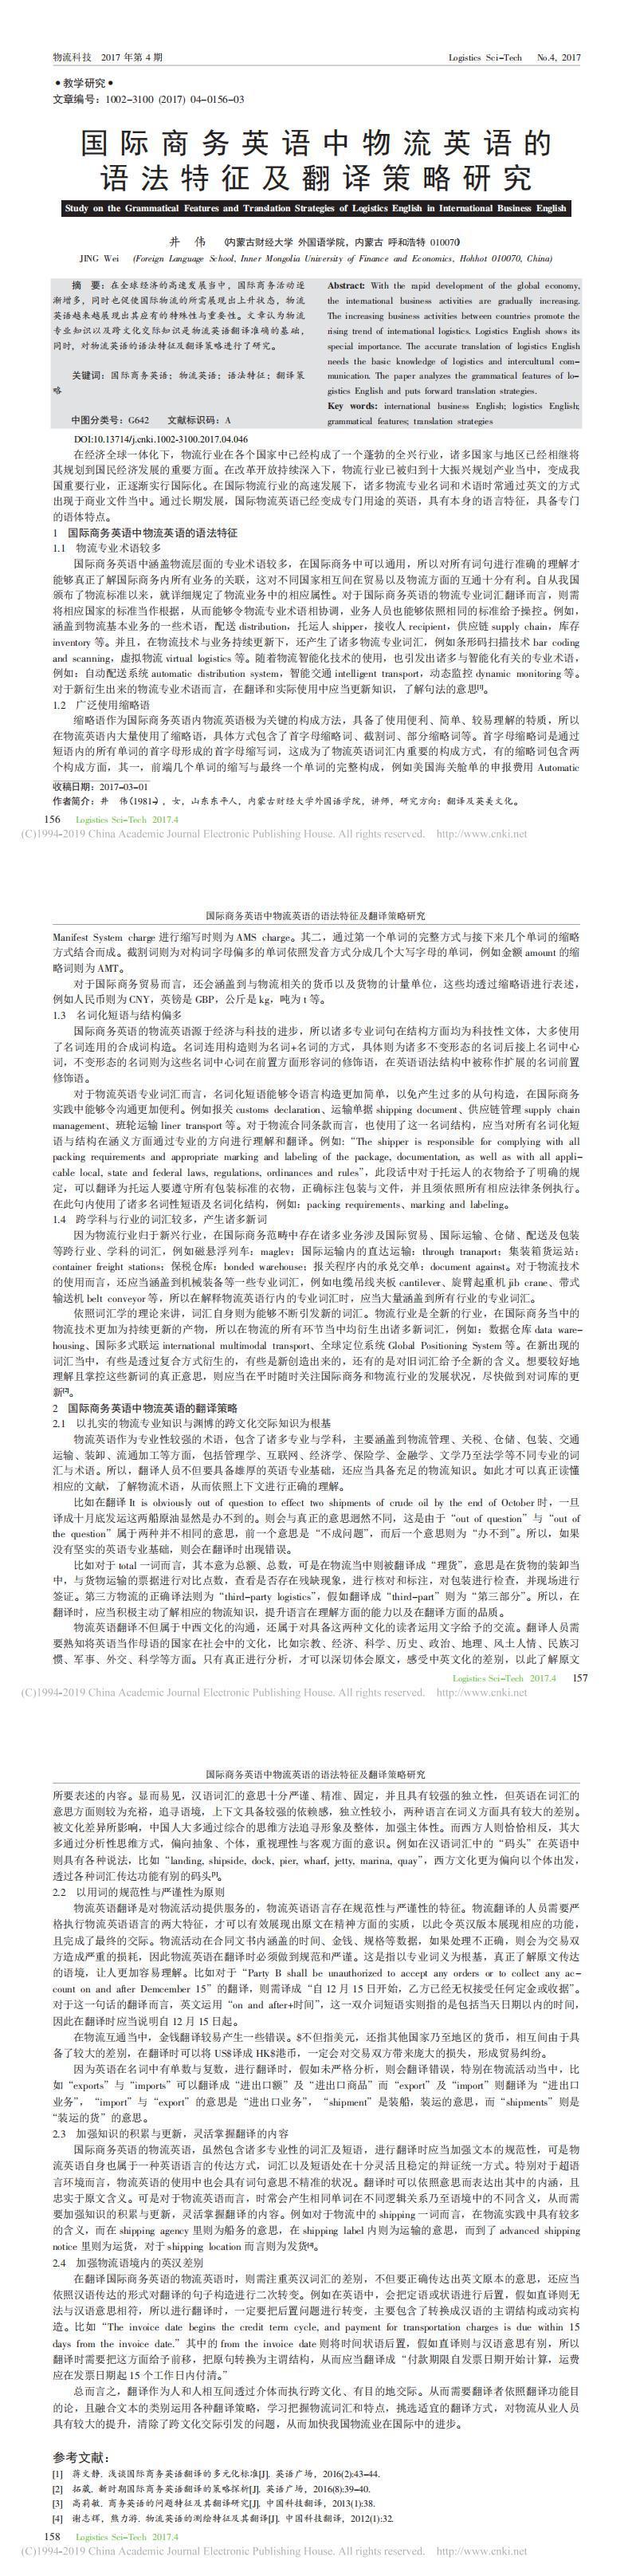 国际商务英语中物流英语的语法特征及翻译策略研究_井伟_0.jpg